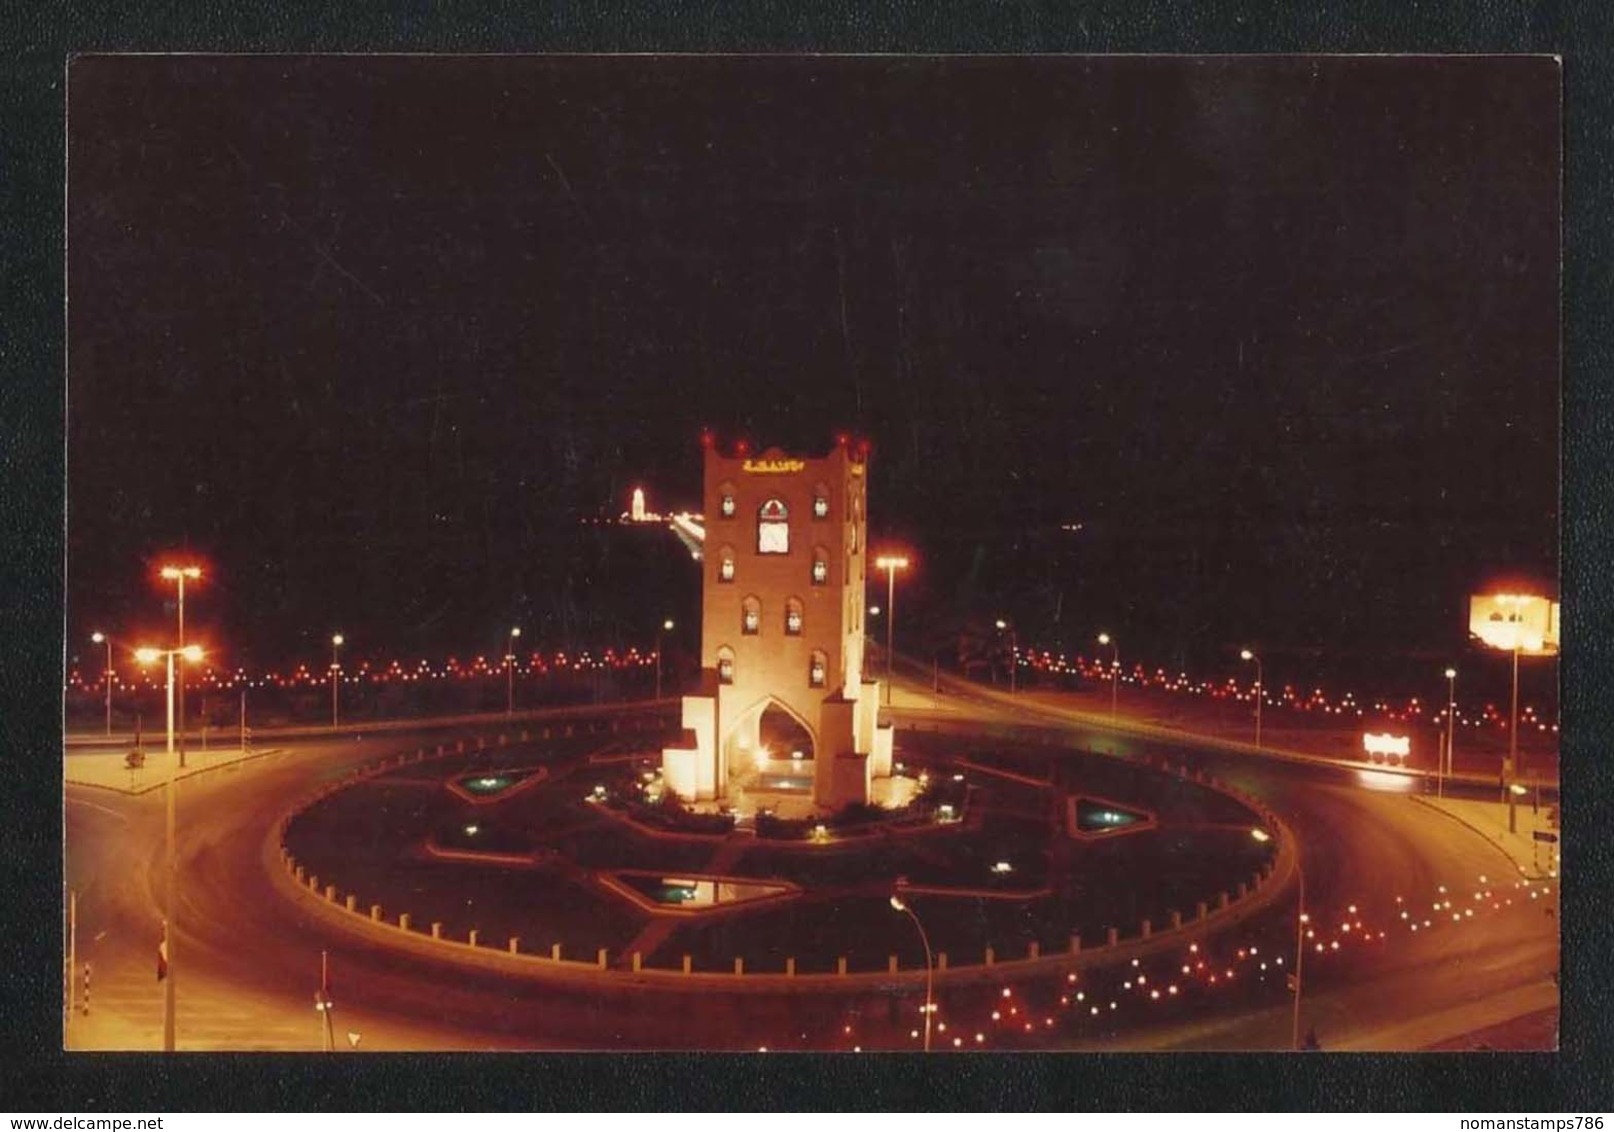 OMAN Night Scene Picture Postcard - Oman